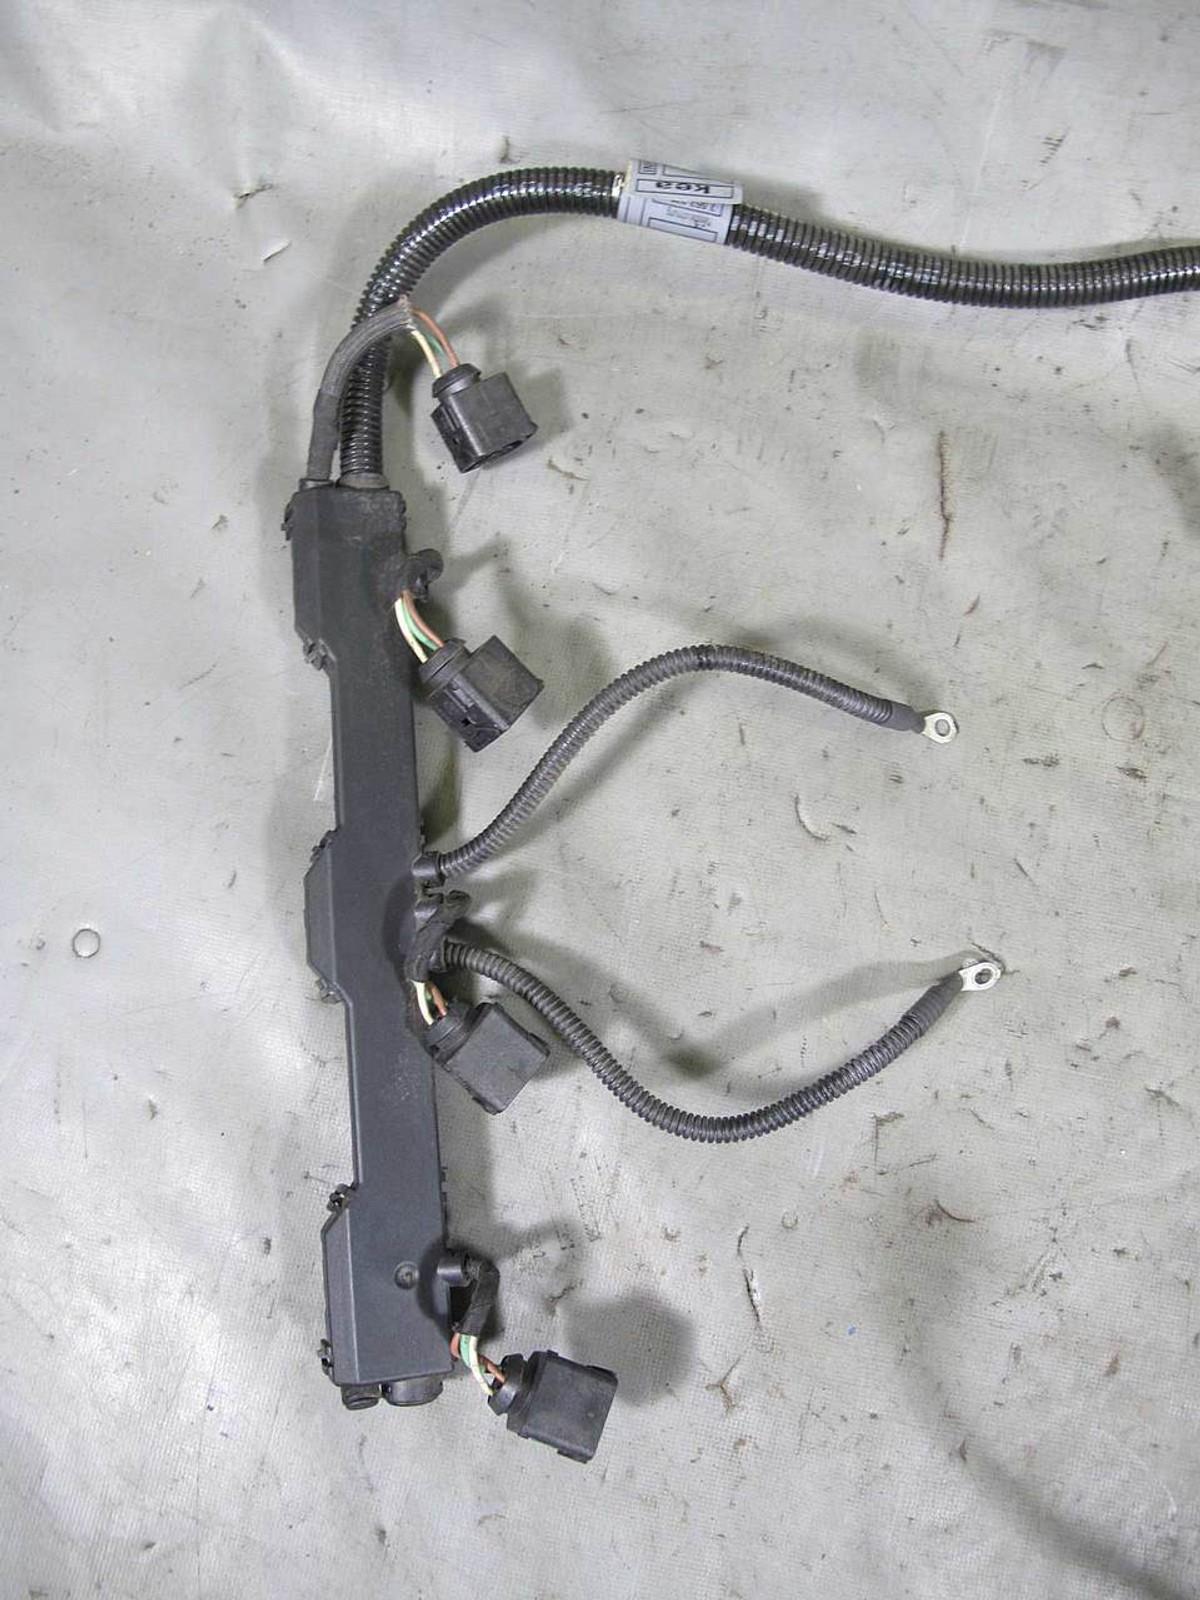 Bmw N62n N62tu 48l V8 E60 E63 Ignition Coil Wiring Harness 2006 2010 Used Img